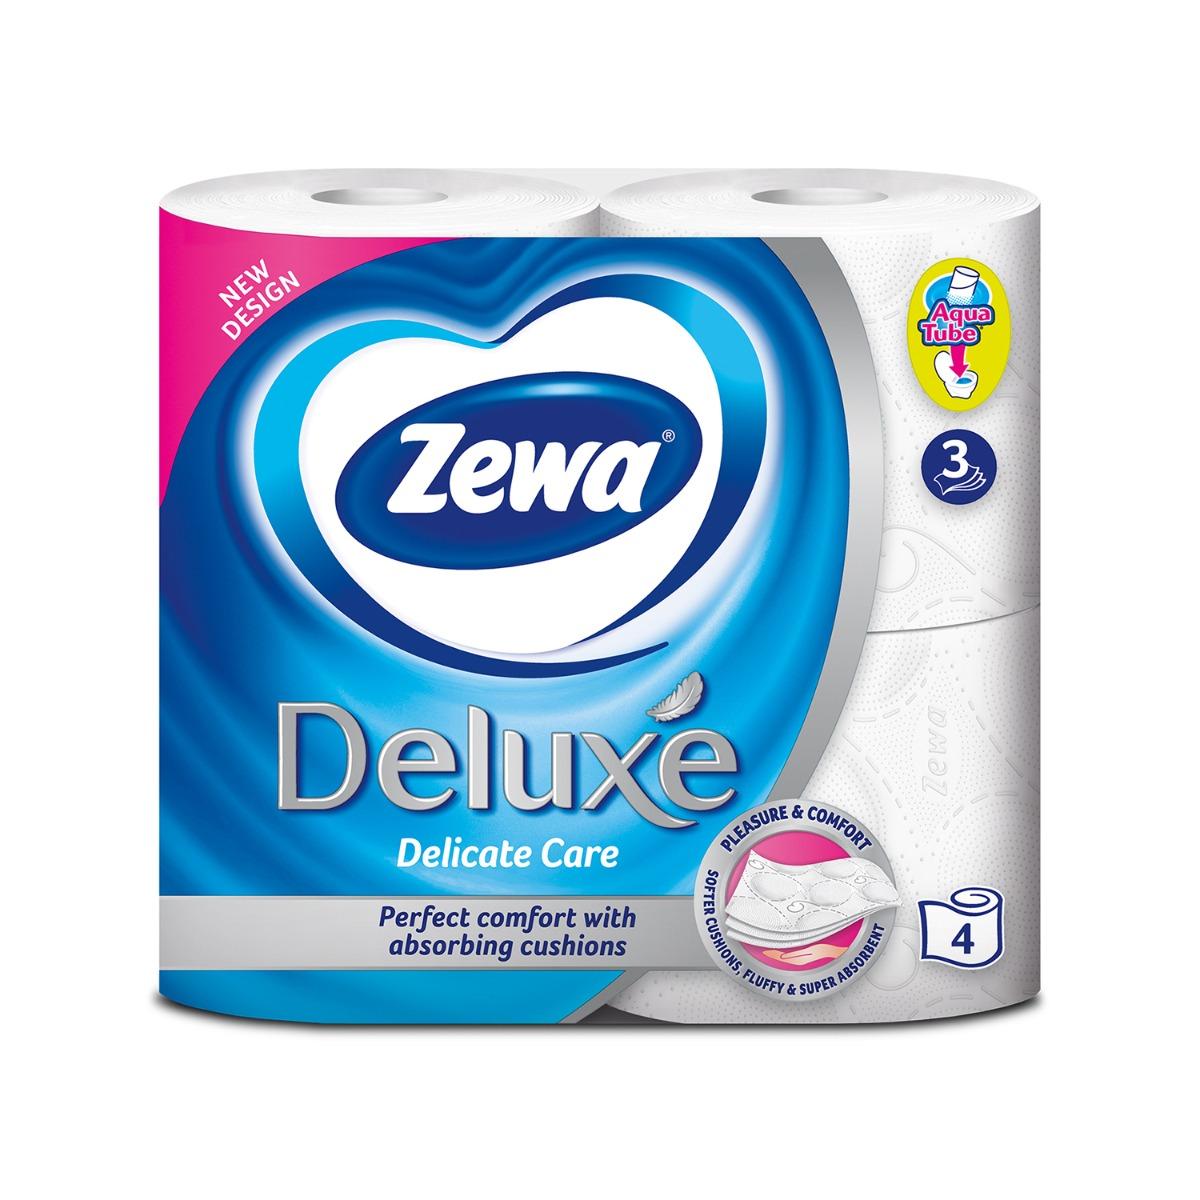 Hartie igienica Zewa Deluxe Delicate care, 3 straturi, 4 role imagine